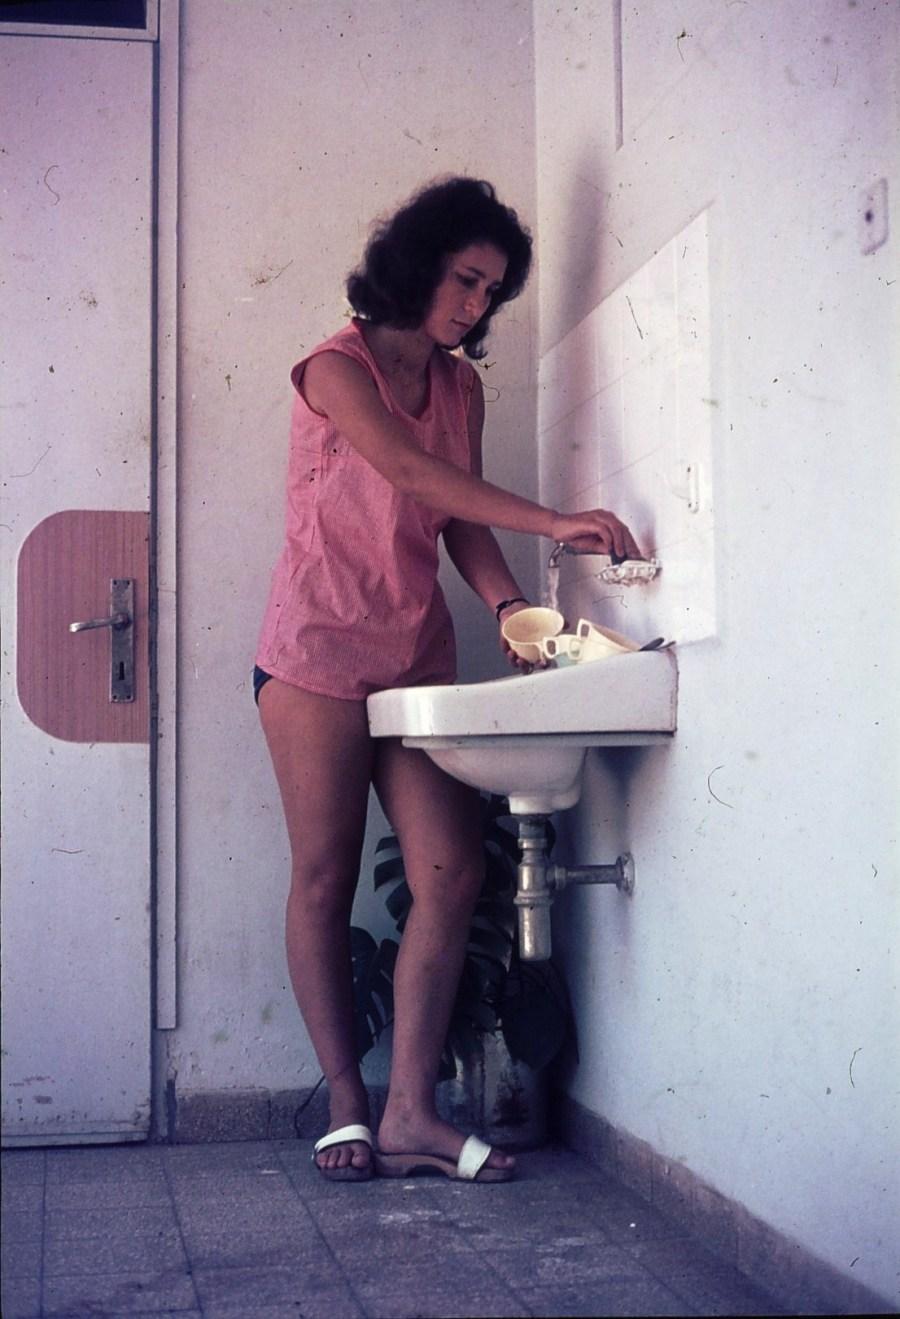 שקופית 14- 296 -ג'ש 1967-קב' חבצלת-עדה מרמלשטיין-ברדה